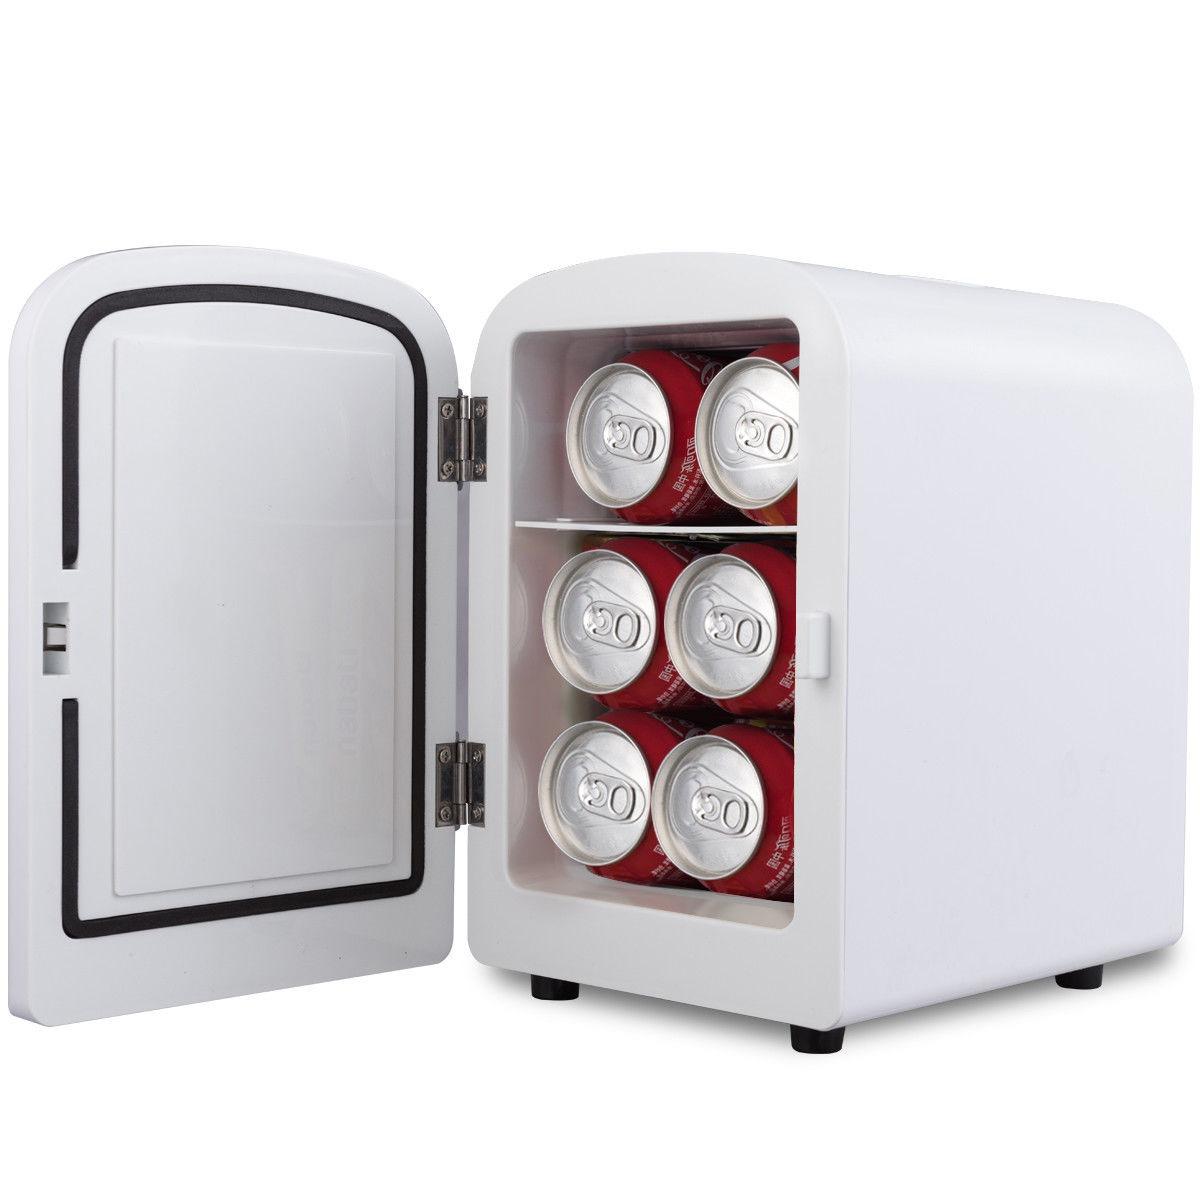 Mini Nevera Portatil Zwdg Mini Nevera Portà Til Refrigerador Calentador Calienta 4l Aut